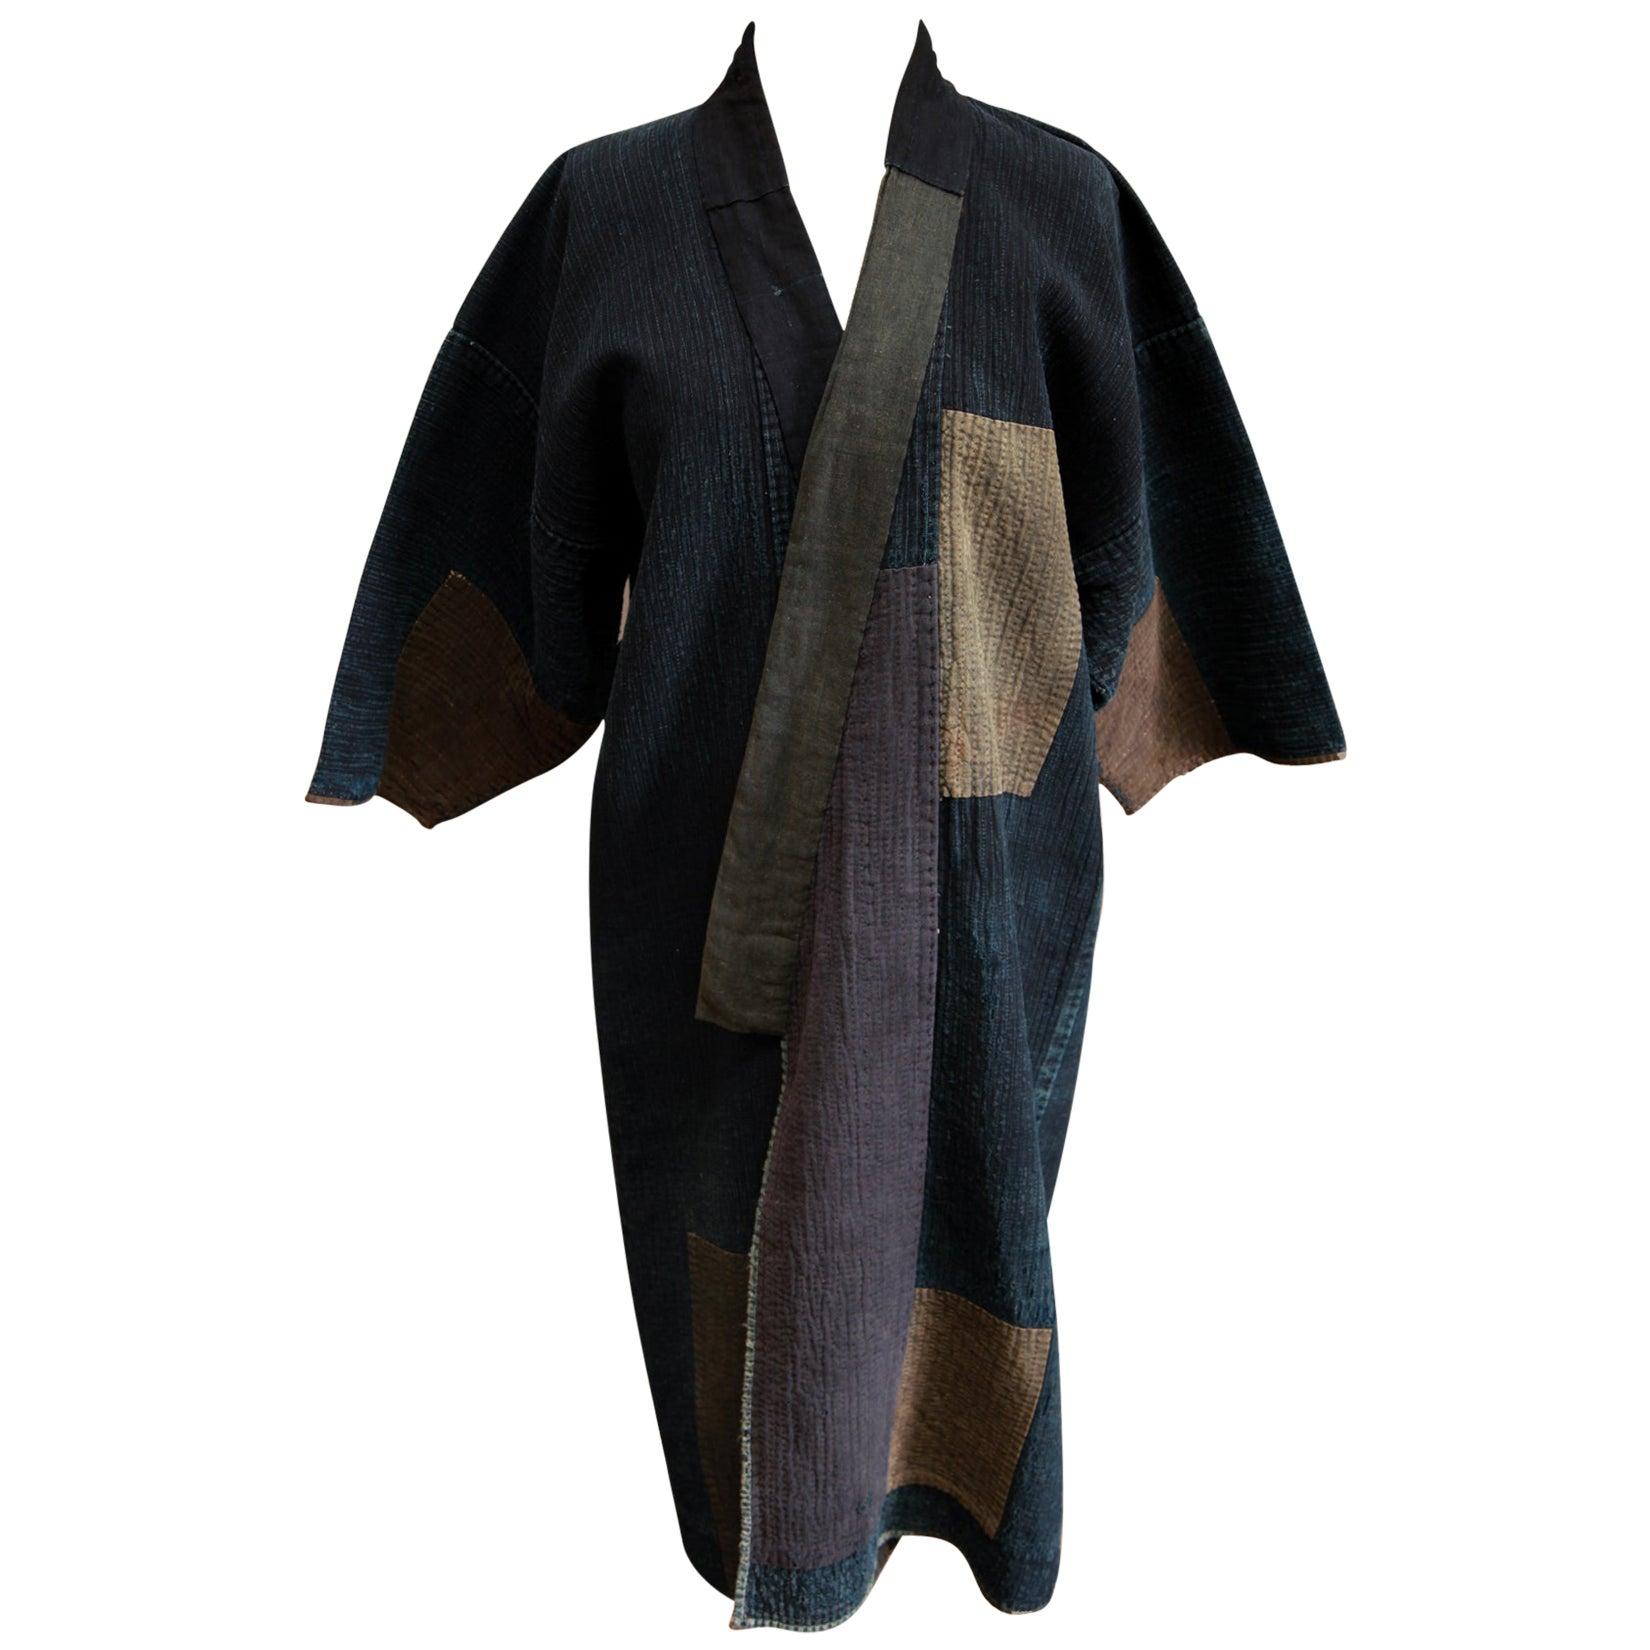 Japanese Sashiko-stitched Cotton Rodogi Work Coat, Early 20th Century